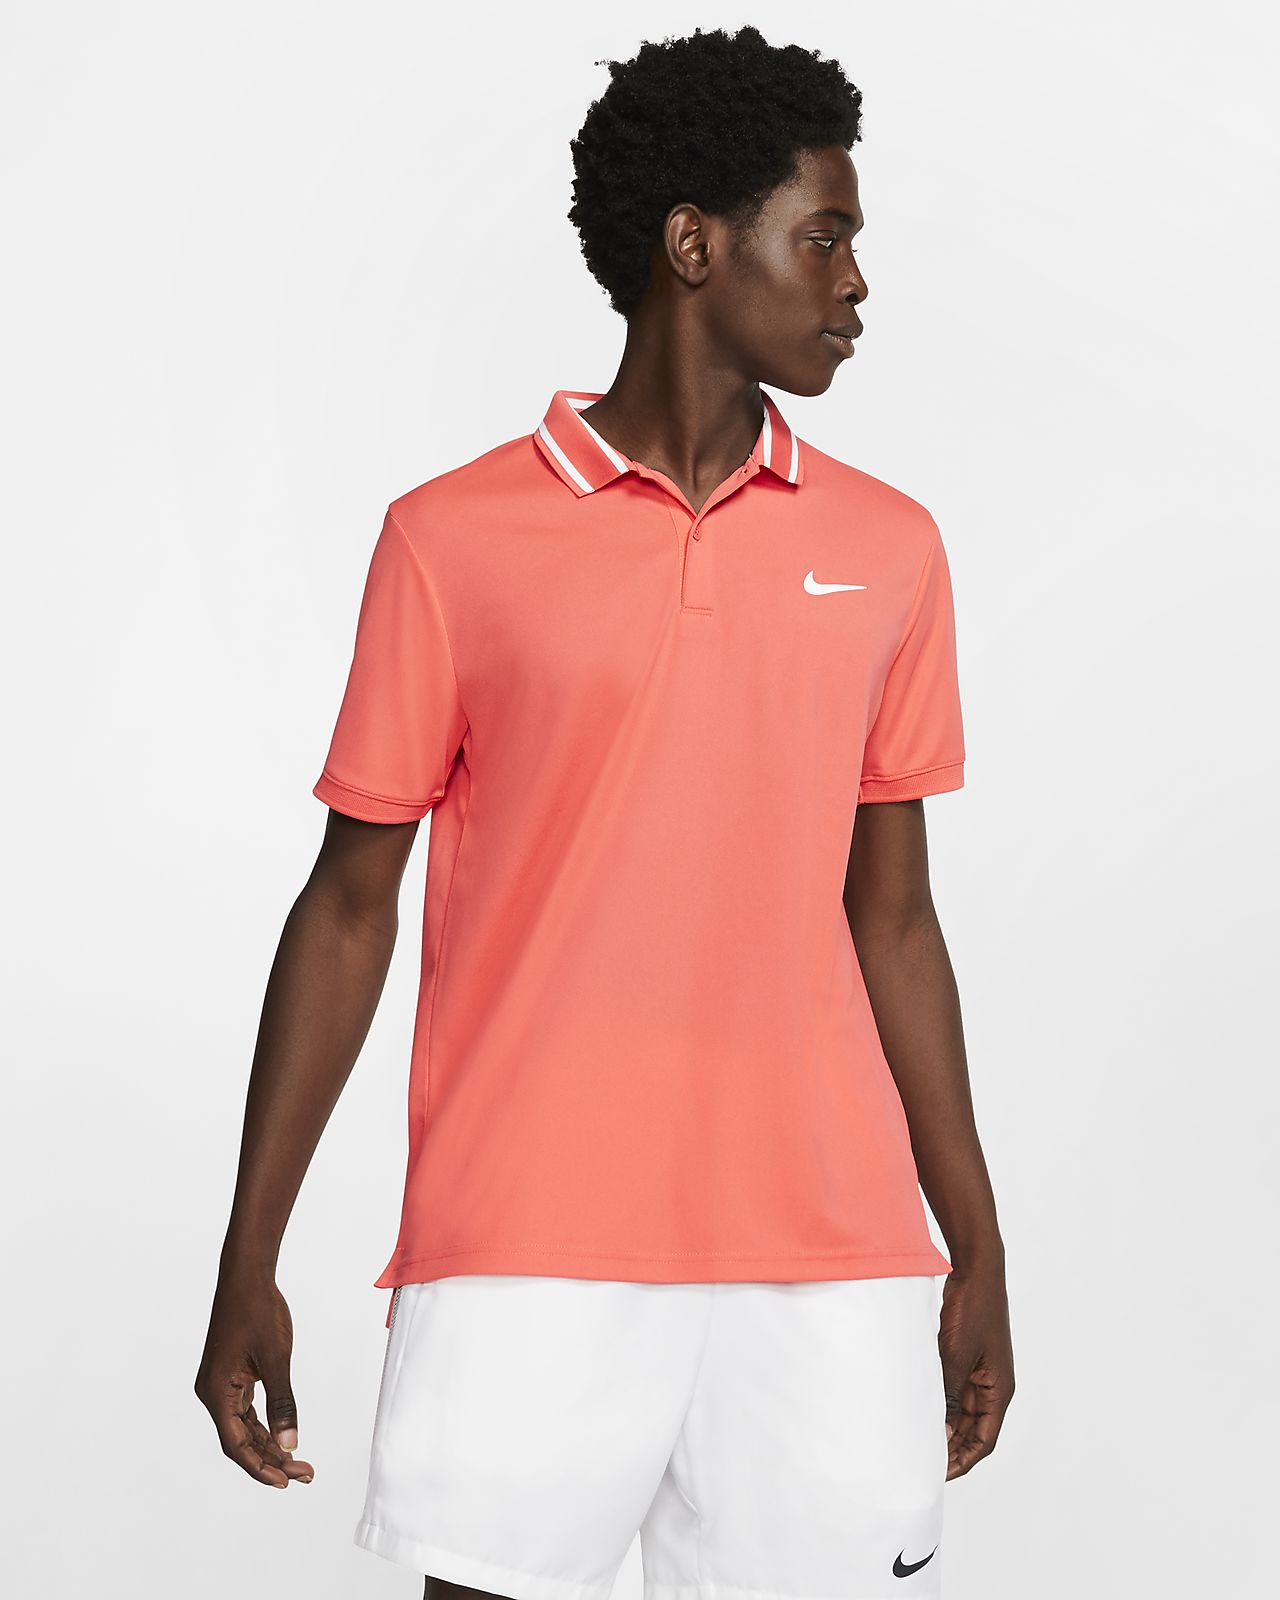 NikeCourt Dri FIT Men's Tennis Polo